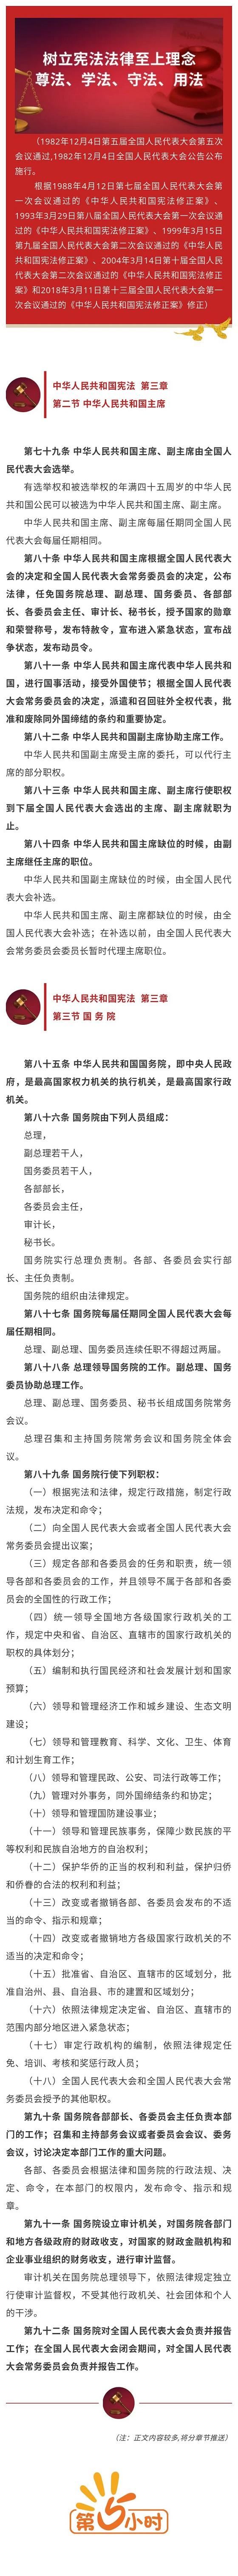 《中华人民共和国宪法》(第三章第二节第三节).jpg